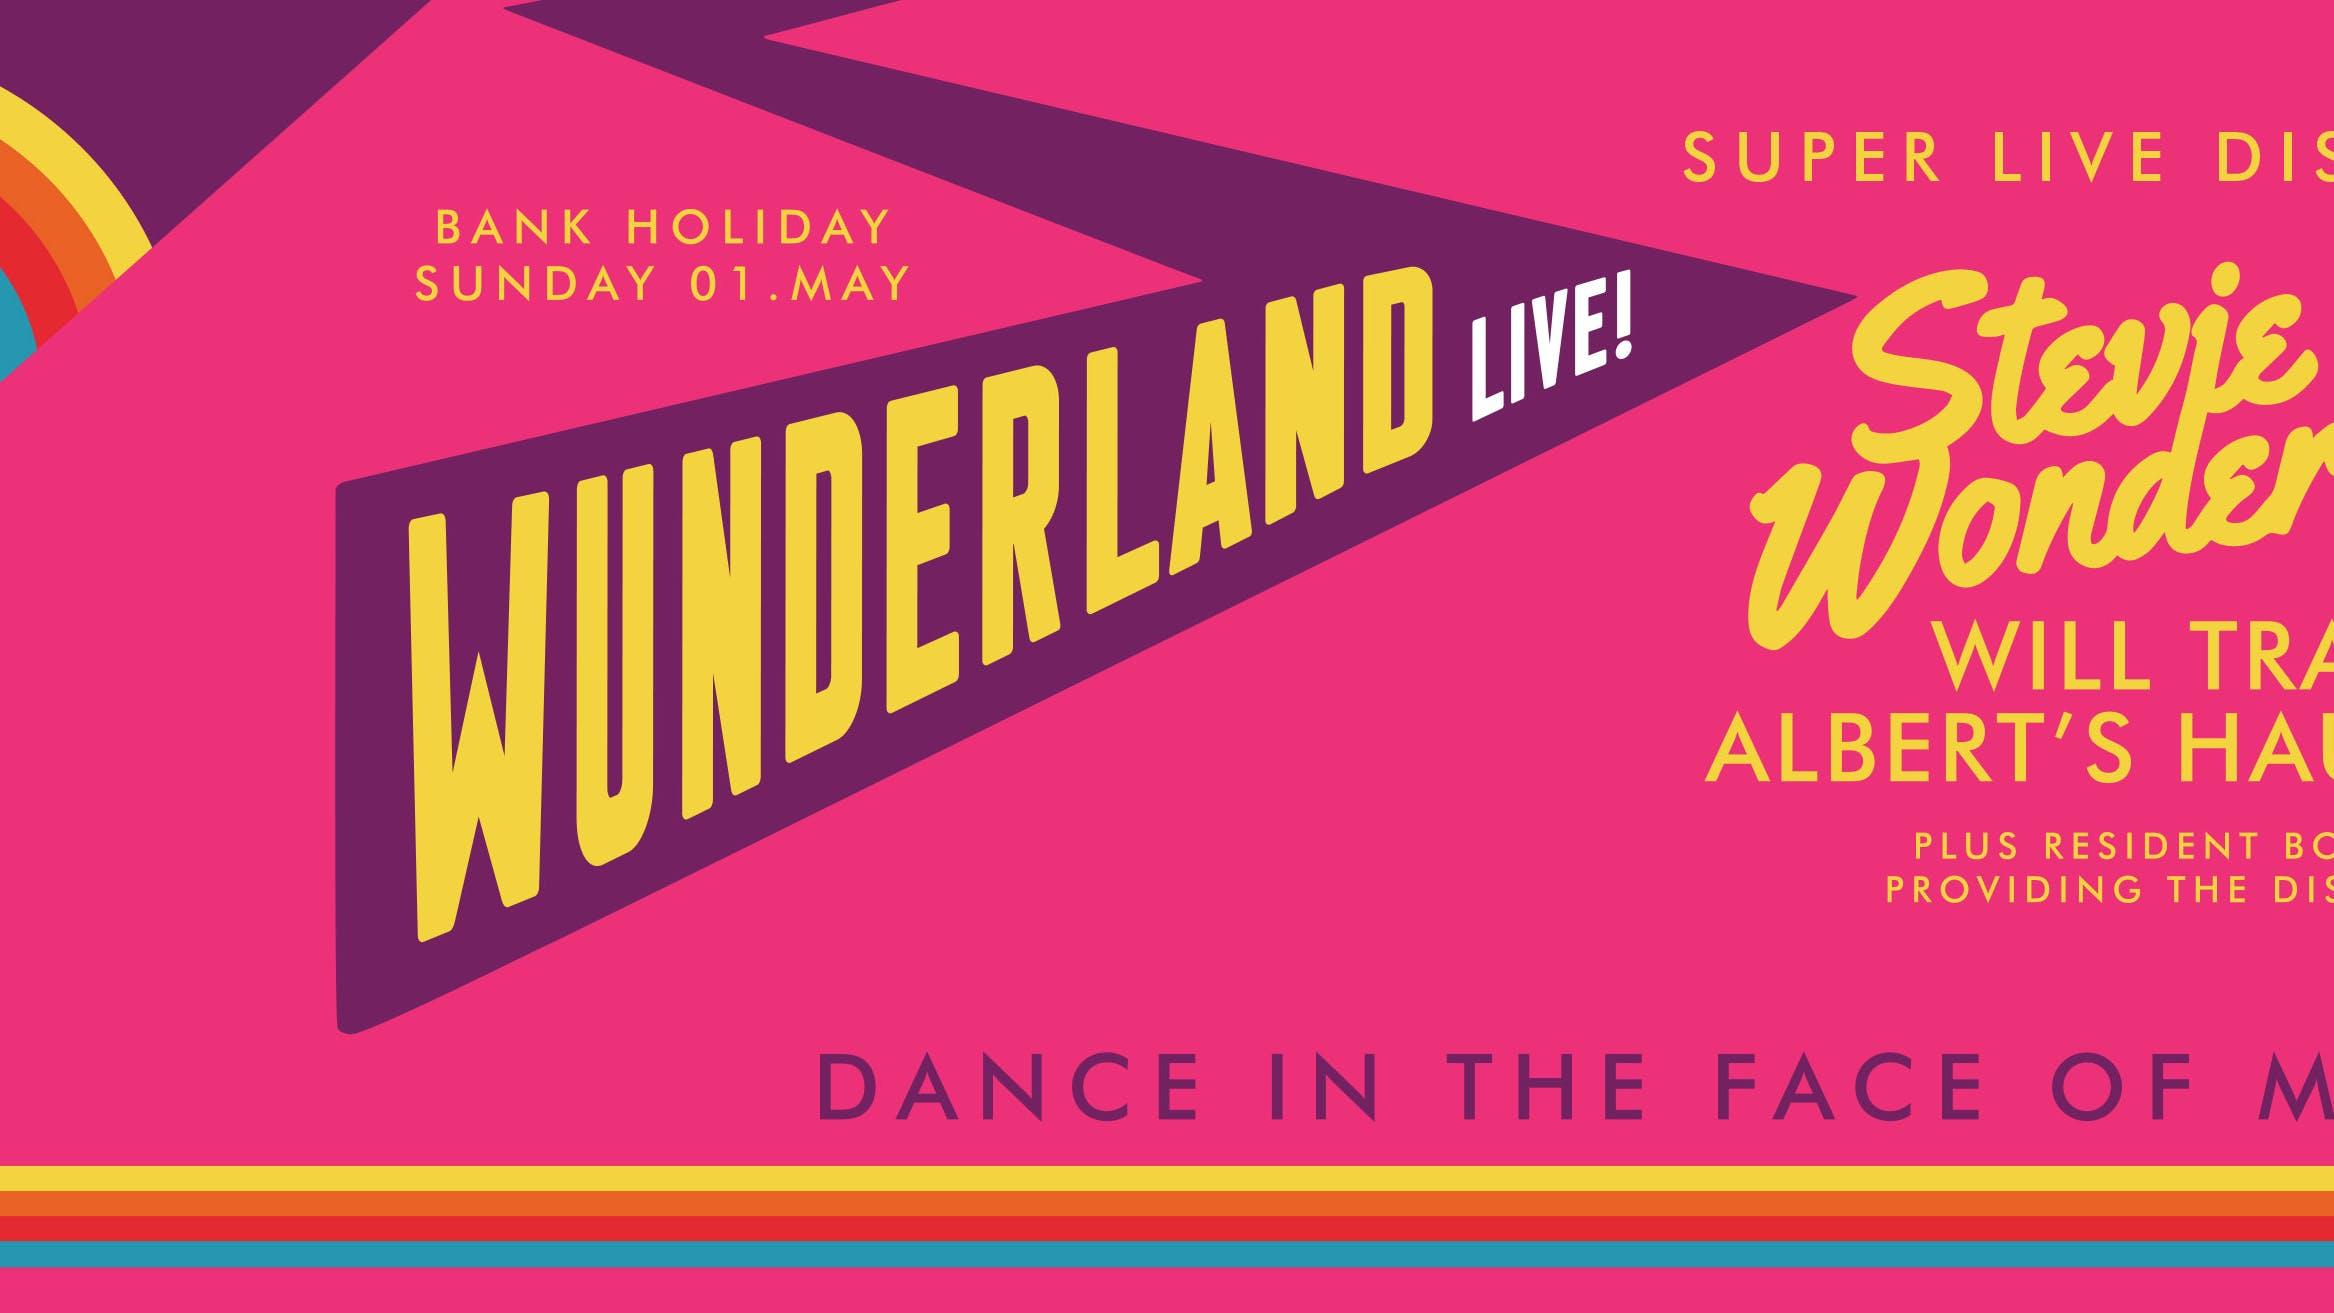 STEVIE WUNDERLAND… LIVE!